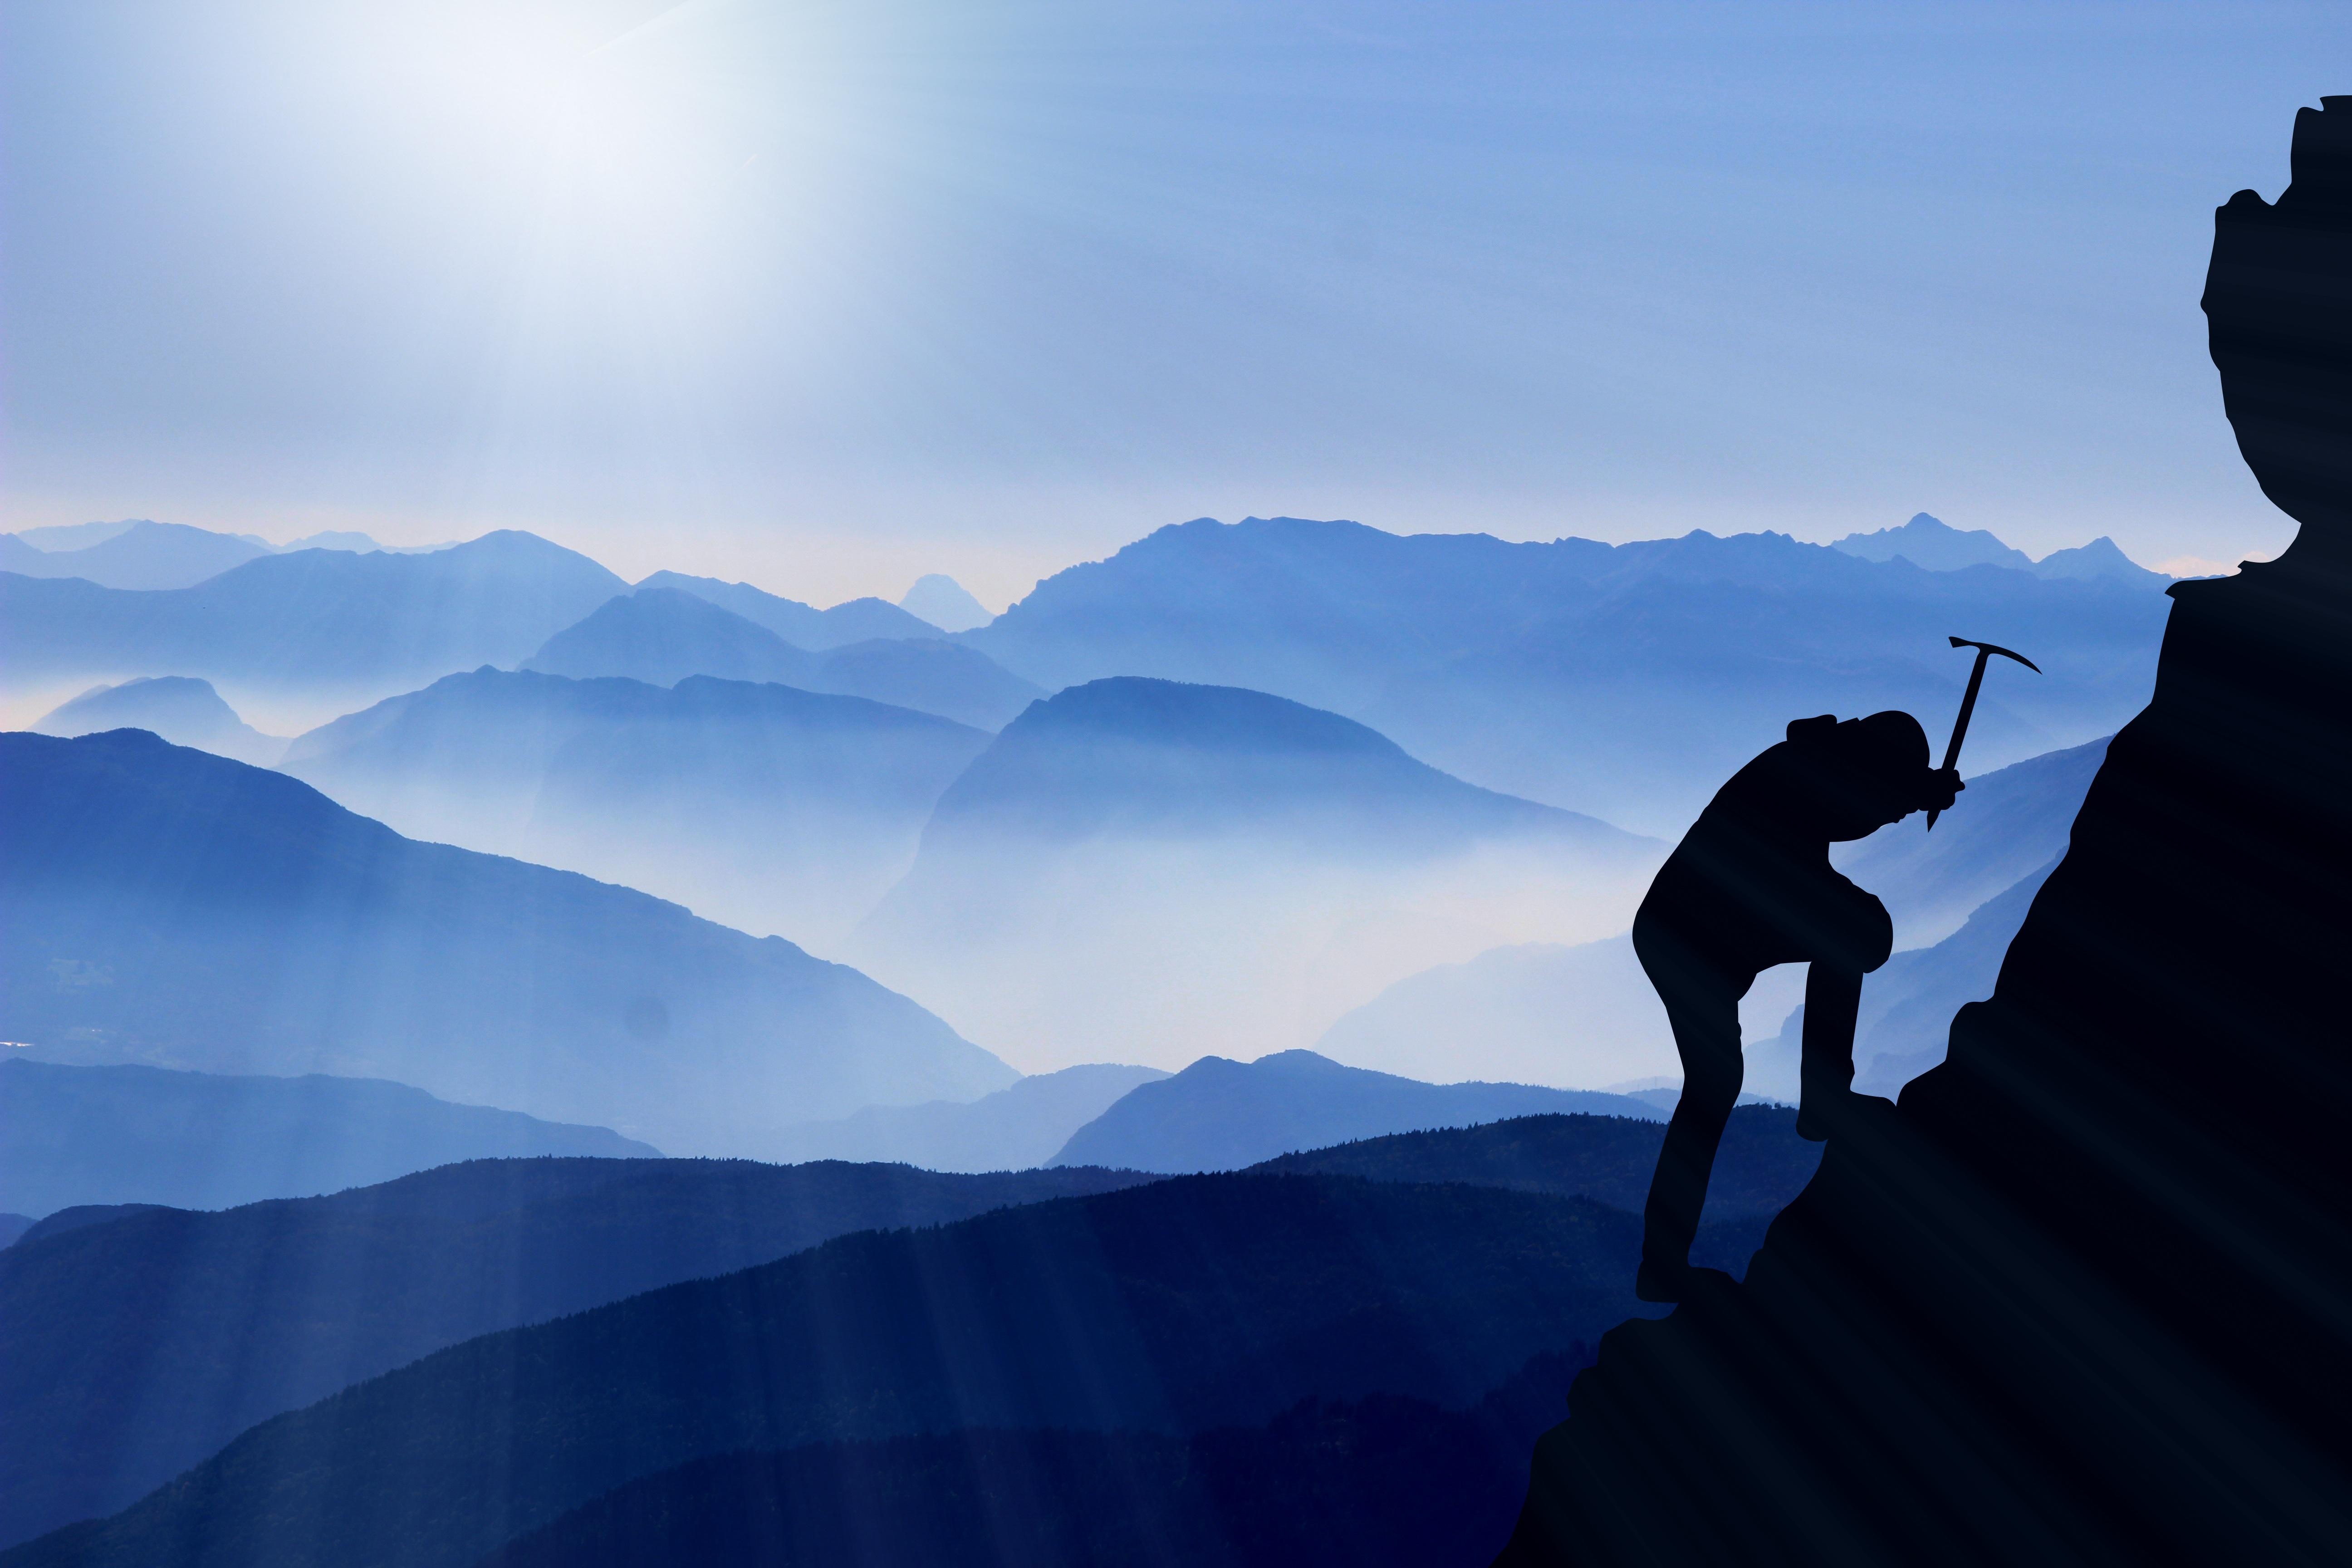 Hình Ảnh : Đá, Đám Mây, Bầu Trời, Sương Mù, Bình Minh, Ánh Sáng Mặt Trời,  Cuộc Phiêu Lưu, Dãy Núi, Màu Xanh Da Trời, Sự Tự Do, Thể Thao Mạo Hiểm, ...